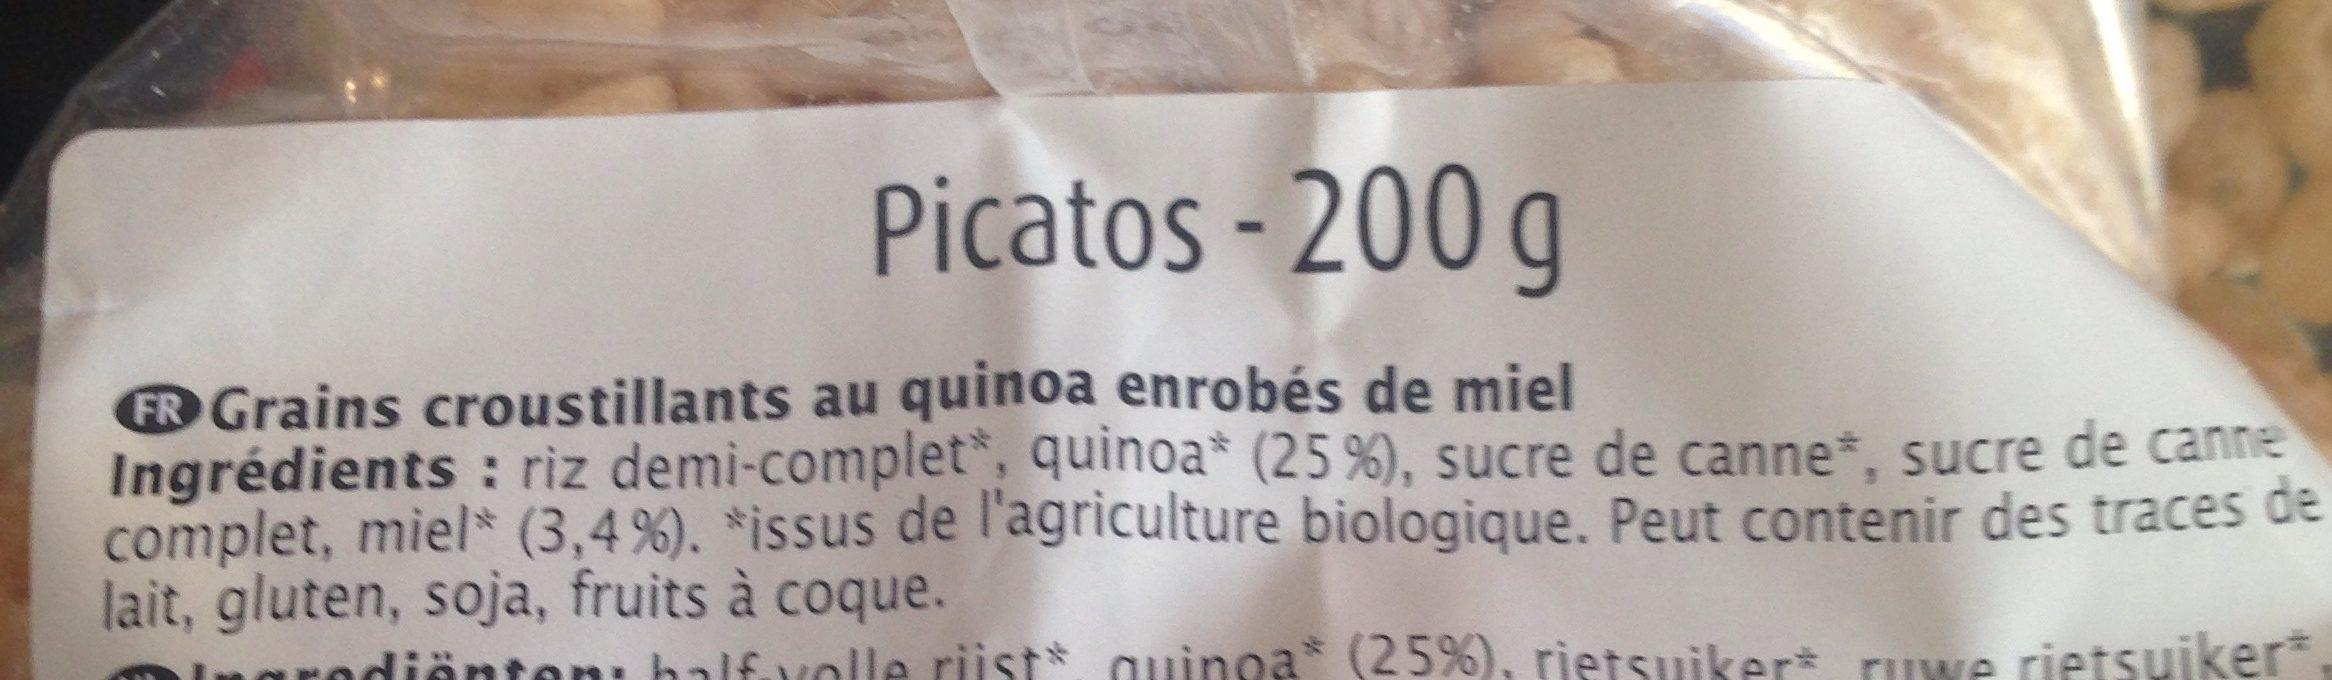 Picatos Quinoa - Ingrédients - fr